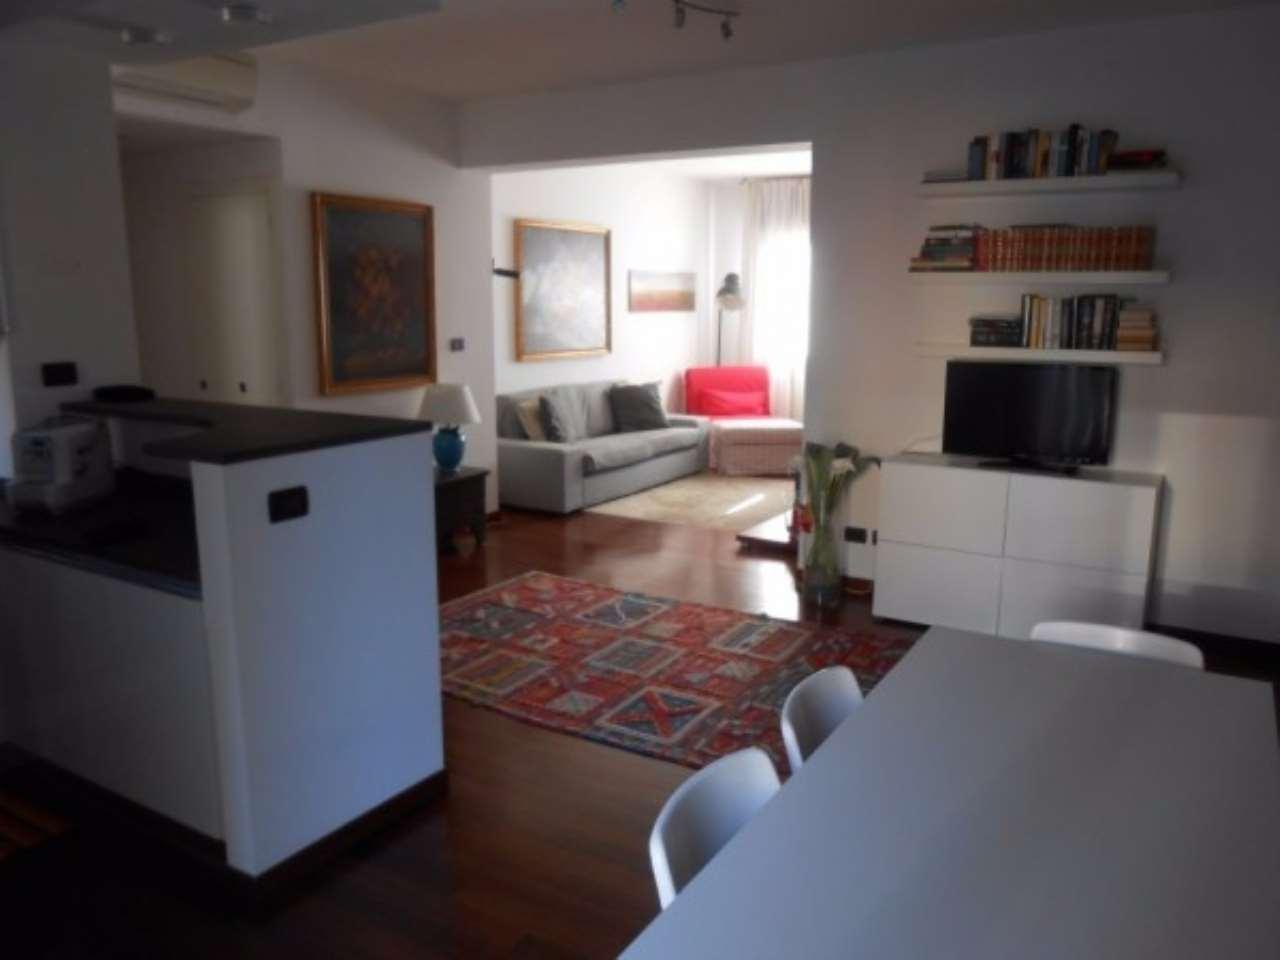 Appartamento in vendita a Venezia, 3 locali, zona Zona: 11 . Mestre, prezzo € 138.000 | CambioCasa.it